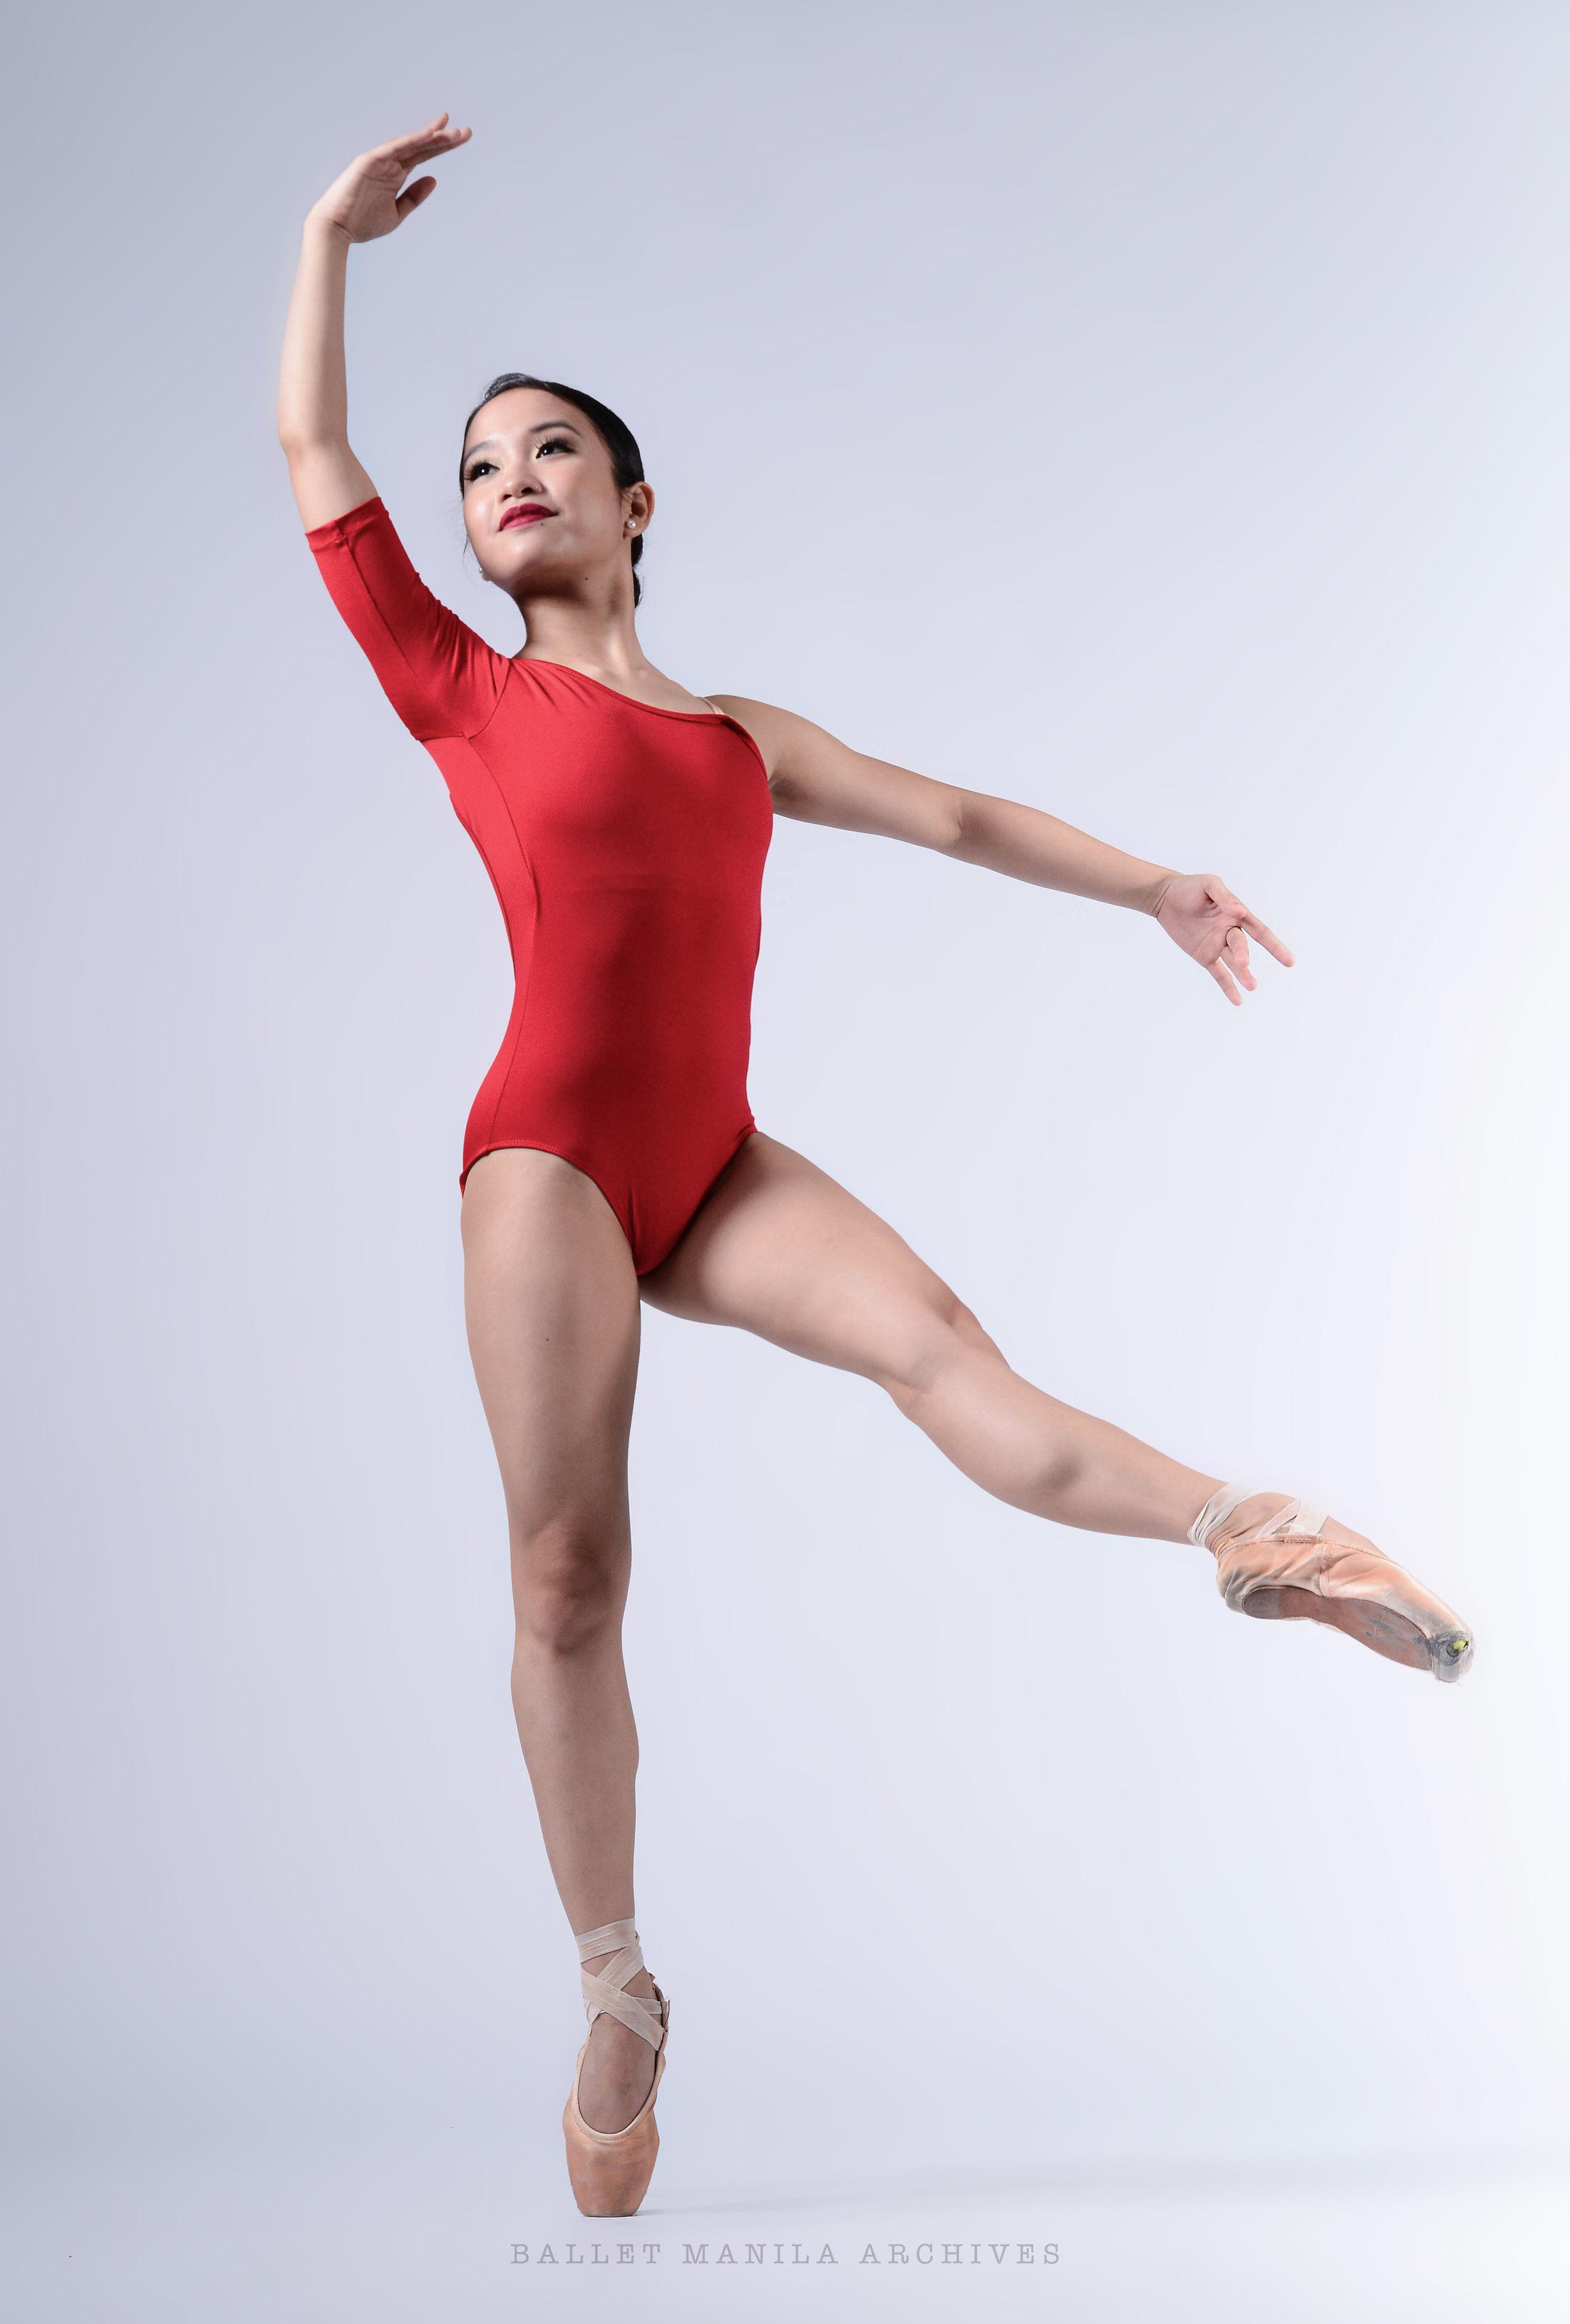 Ballet Dictionary: Piqué  1 - Ballet Manila Archives